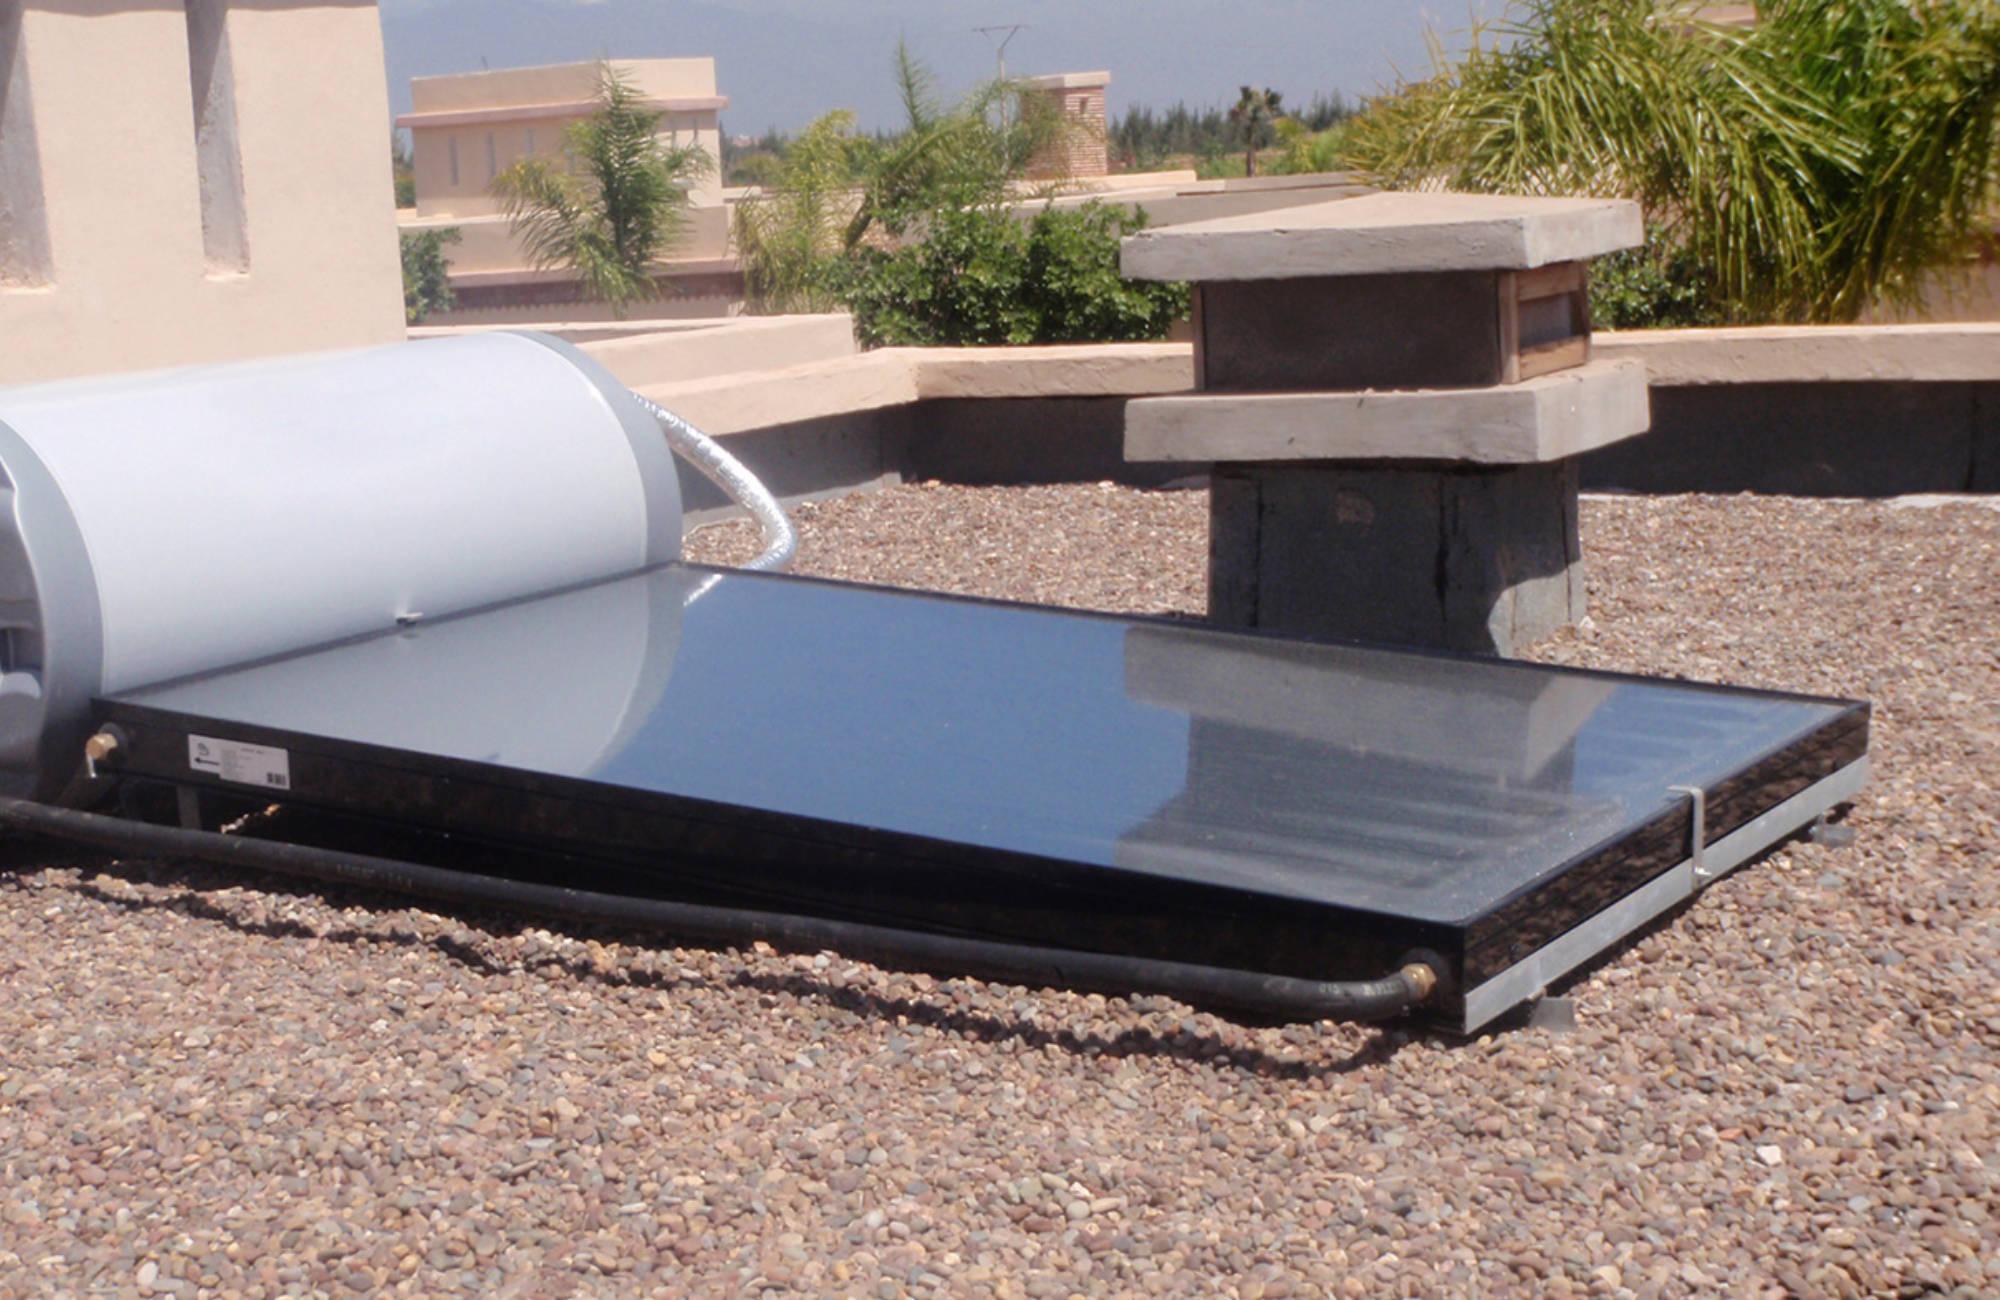 Les aides financières et fiscales pour l'installation de votre chauffe-eau solaire